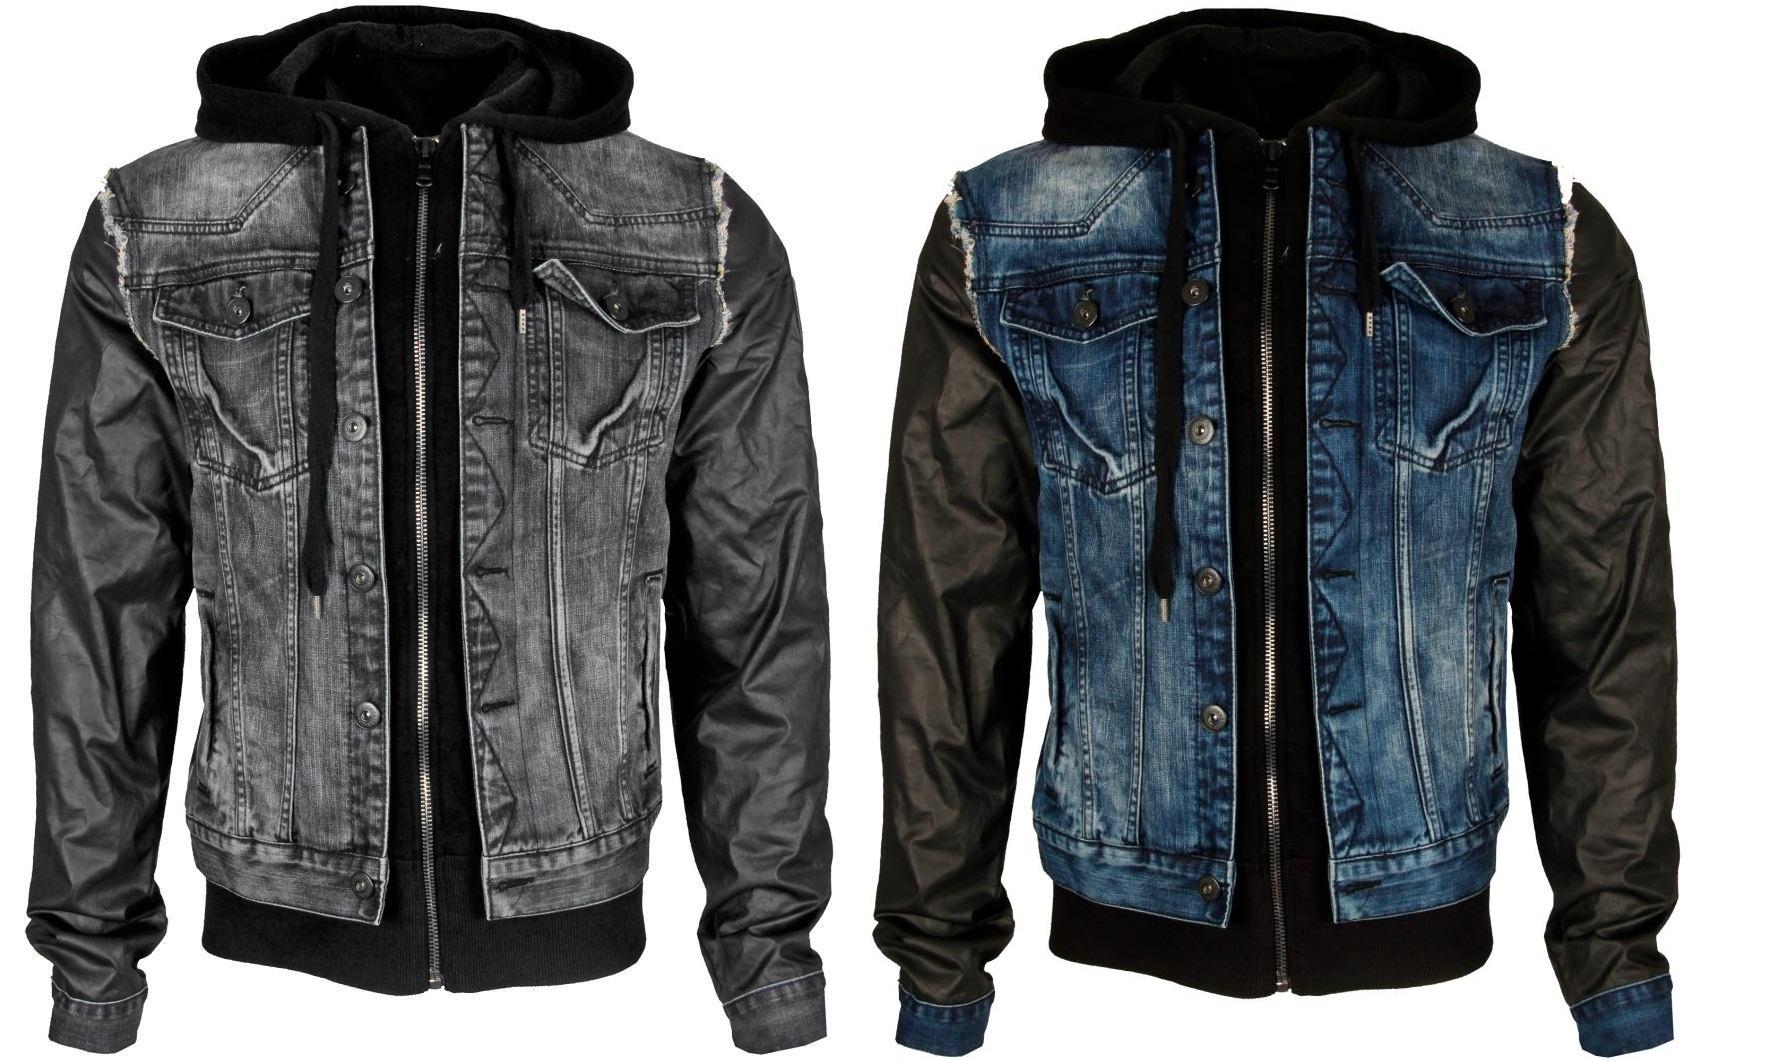 cipo baxx herren denimation jacke kunst lederjacke jacket jeans ebay. Black Bedroom Furniture Sets. Home Design Ideas